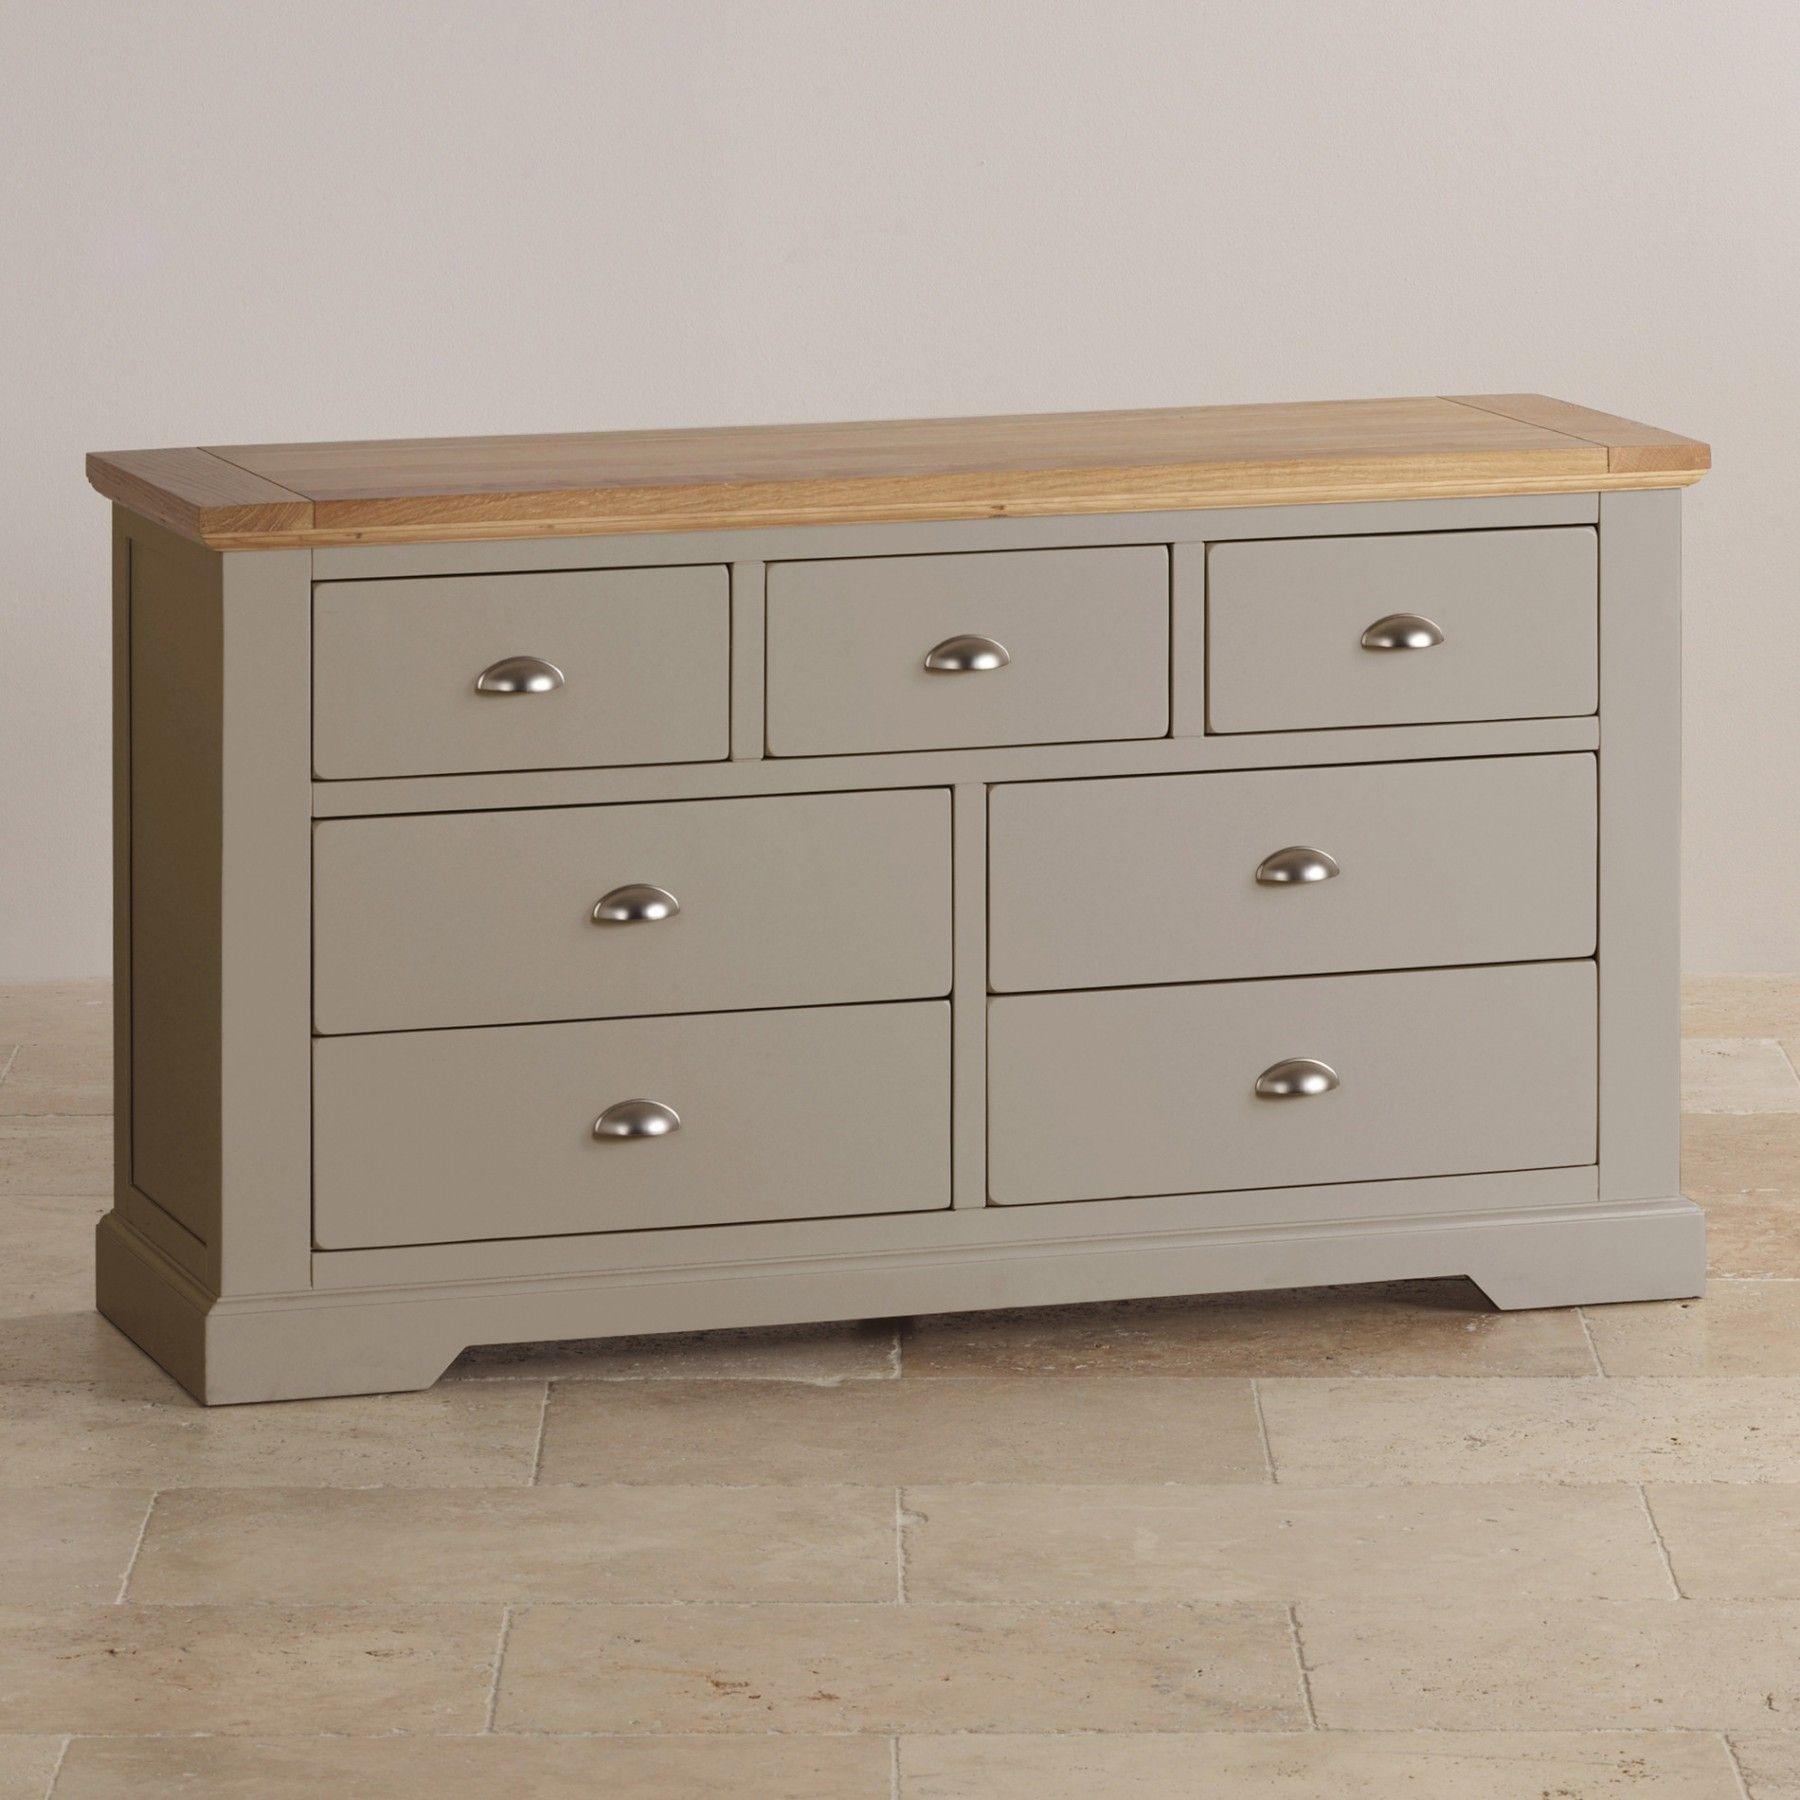 St Ives Natural Oak And Light Grey Painted 3 4 Drawer Dresser Oak Furnitureland Furniture Grey Furniture [ 1800 x 1800 Pixel ]